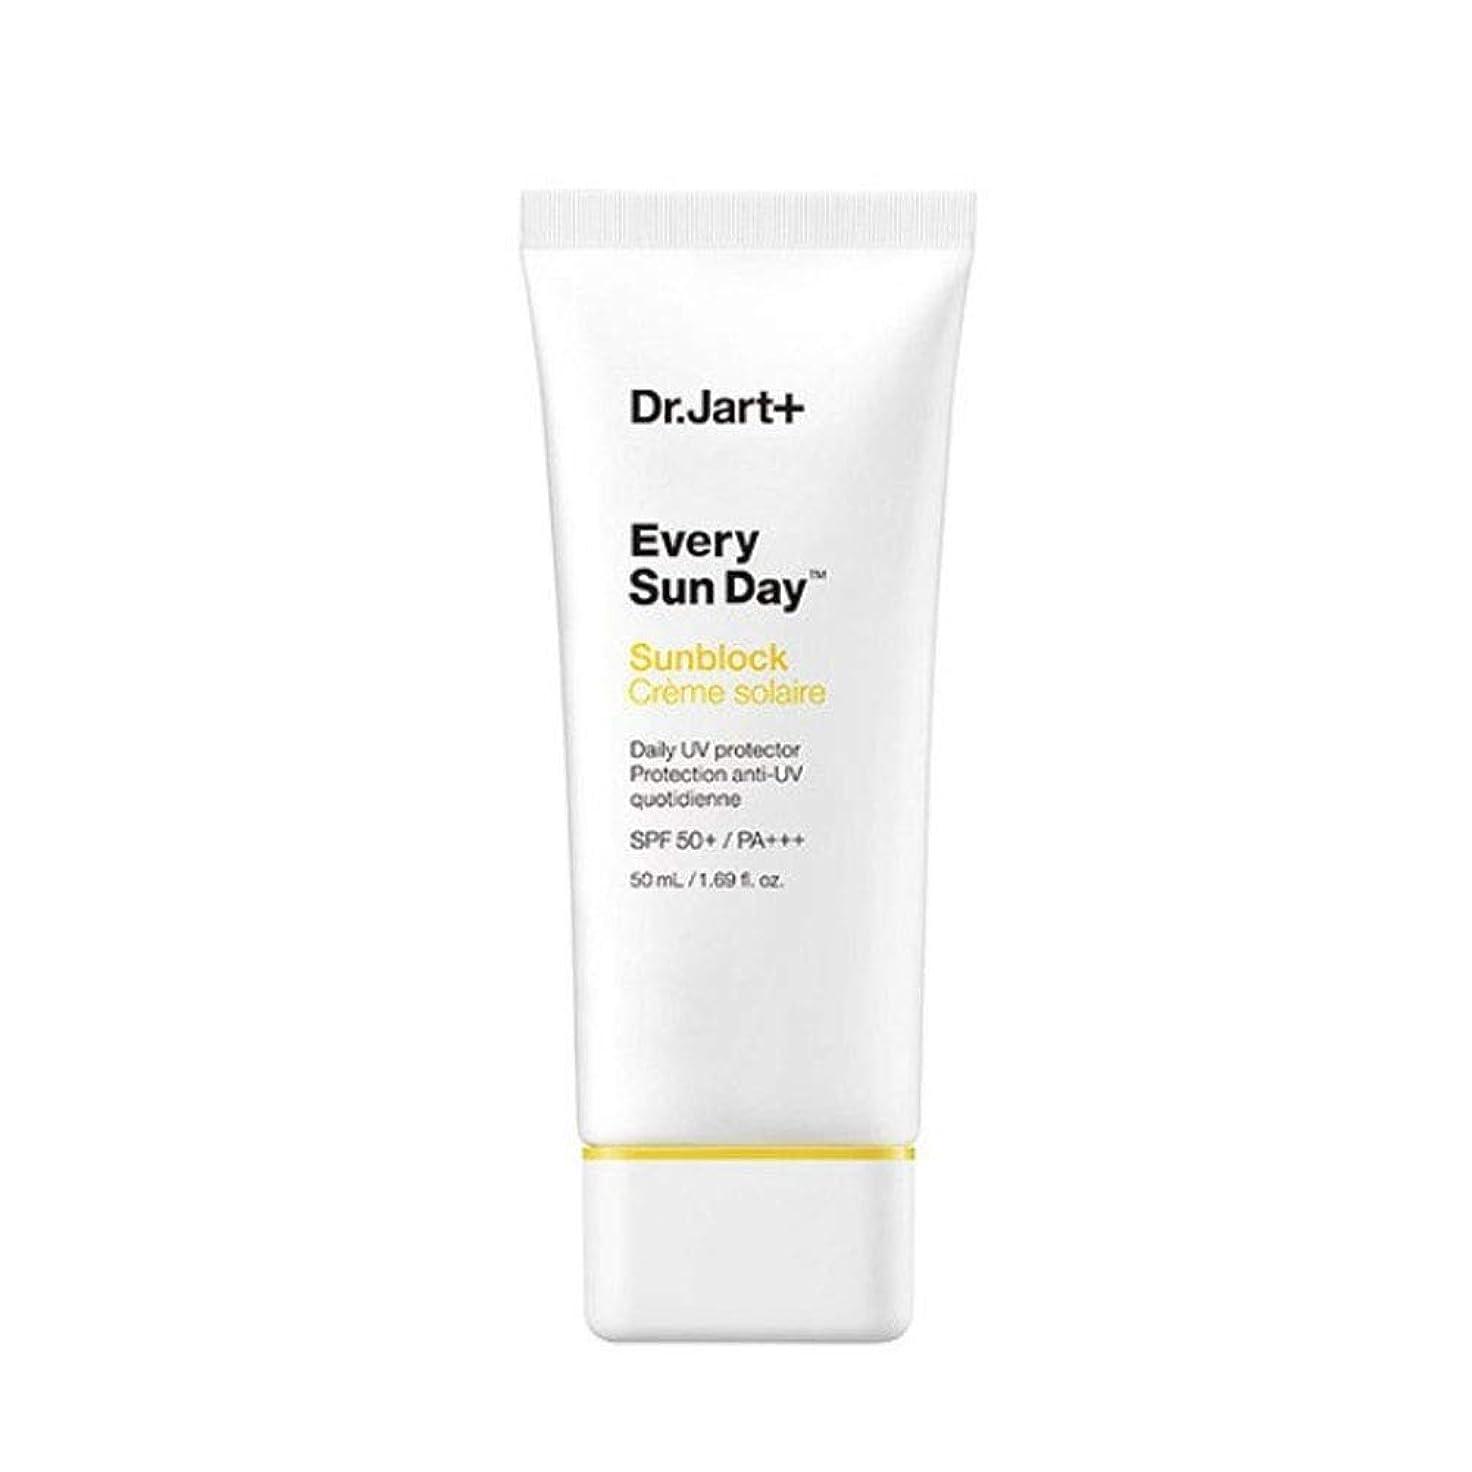 支配的ストリップつま先ドクタージャルトゥエブリサンデーサンブロック50mlサンクリーム韓国コスメ、Dr.Jart Every Sun Day Sun Block 50ml Sun Cream Korean Cosmetics [並行輸入品]